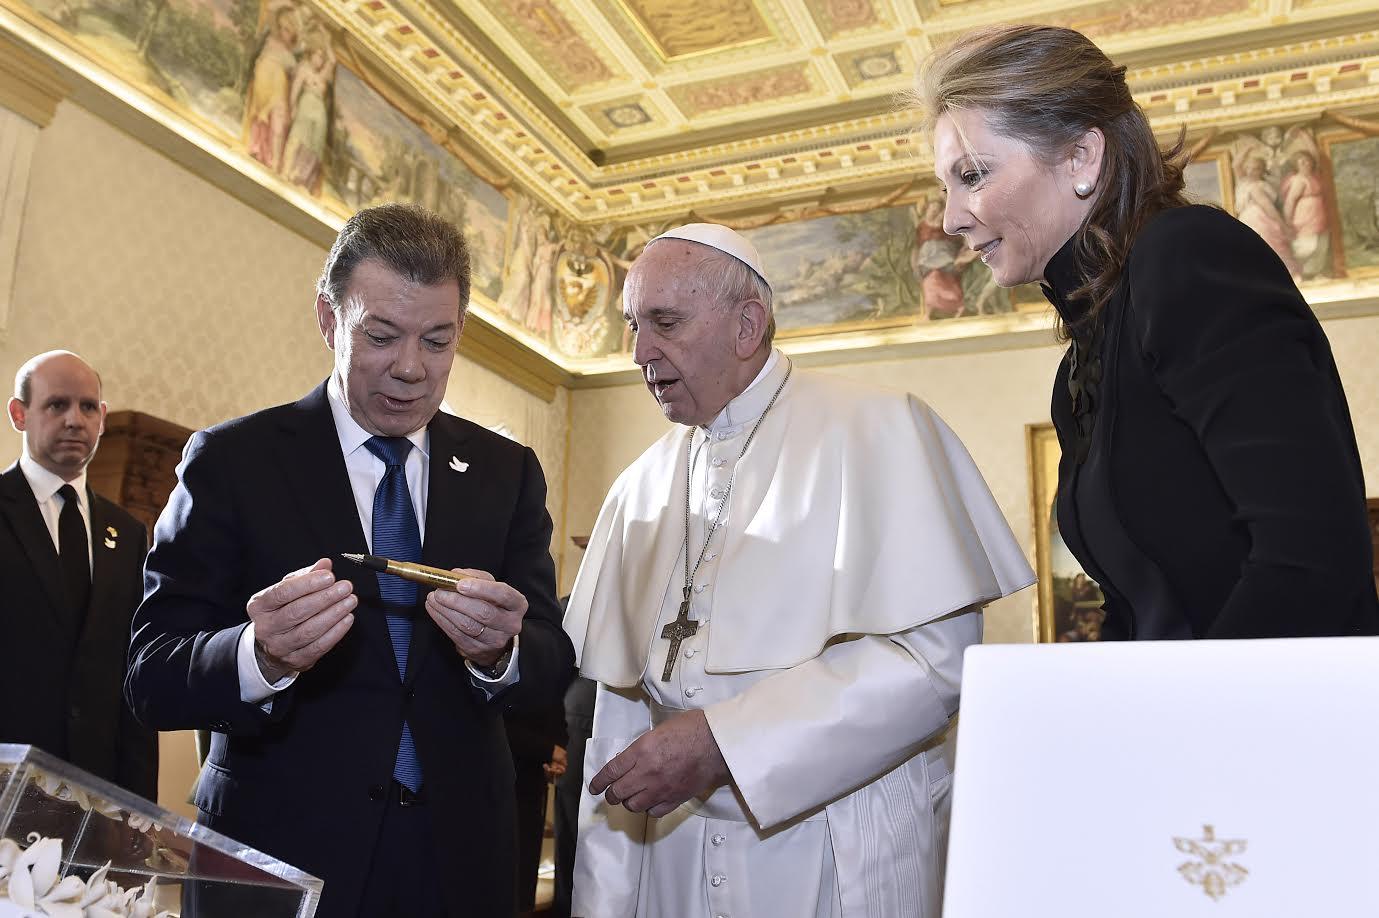 el-presidente-y-su-esposa-maria-clemencia-le-explican-al-papa-francisco